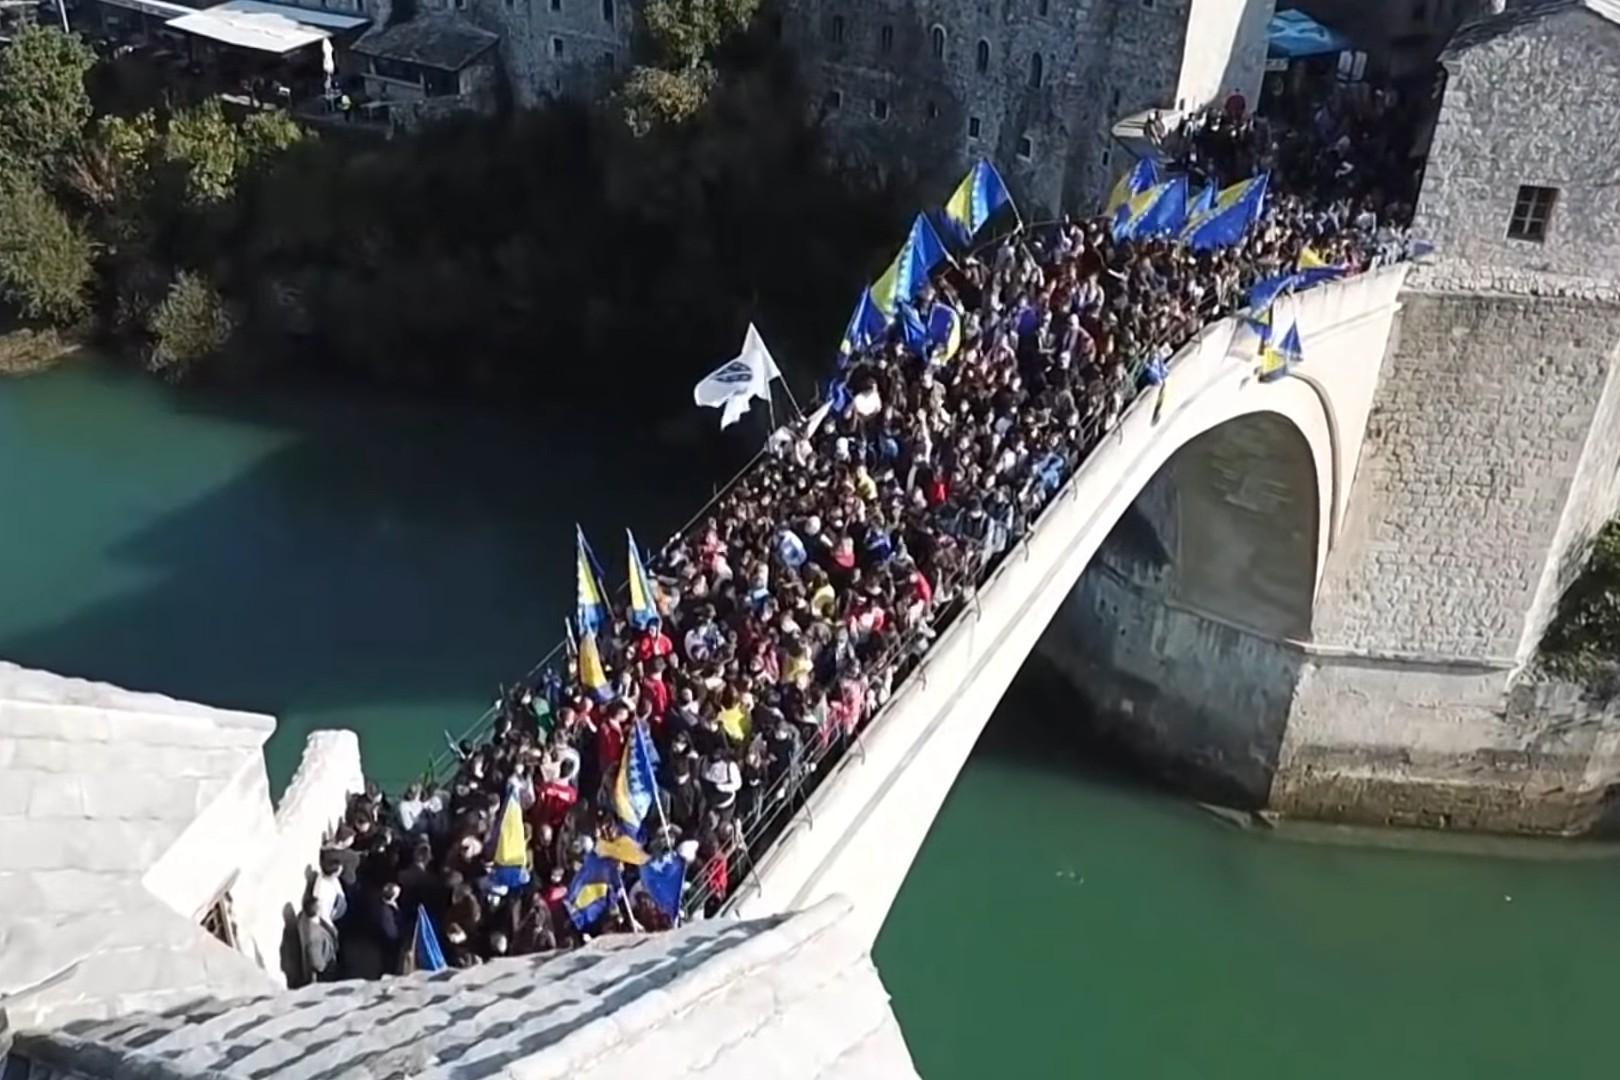 Грађани Мостара на чувеном мосту изнад Неретве прослављају Дан независности БиХ (Фото: Снимак екрана/Јутјуб)